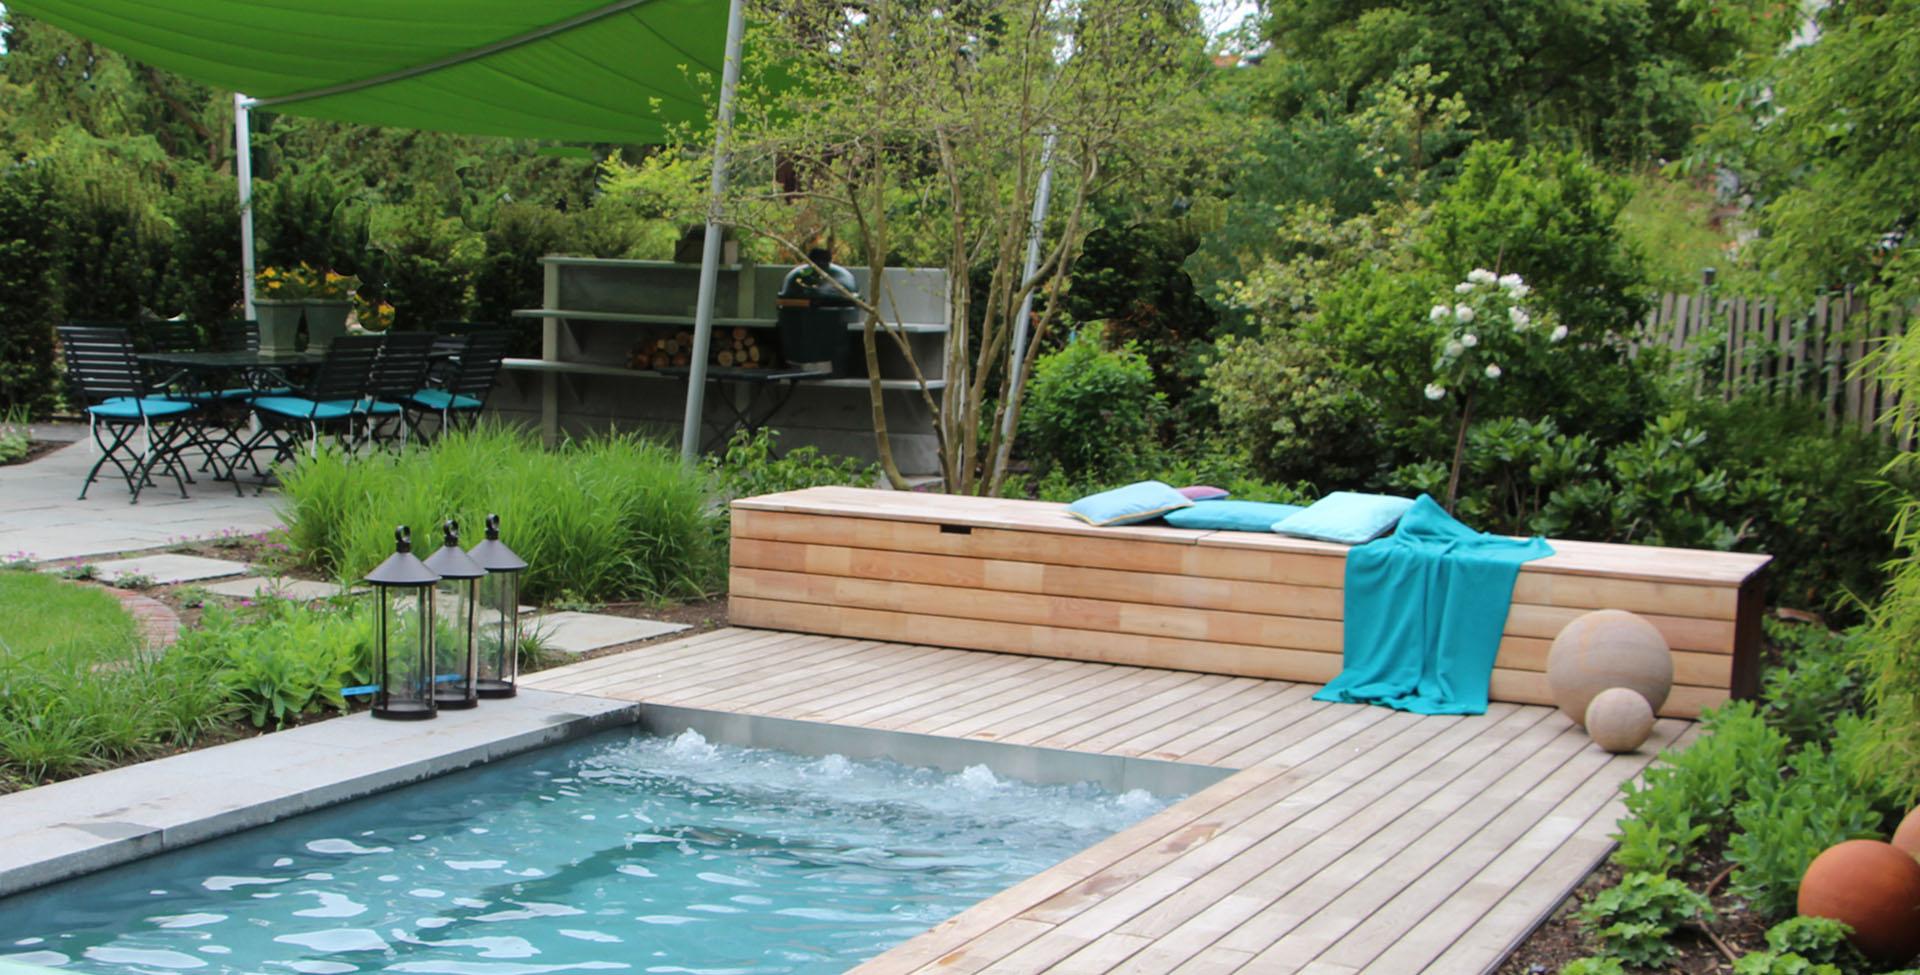 Full Size of Mini Pool Kaufen Garten Gfk Online Betten Küche Mit Elektrogeräten Günstig Dusche 180x200 Sofa Guenstig Gebrauchte Verkaufen Whirlpool Aufblasbar Bett Wohnzimmer Mini Pool Kaufen